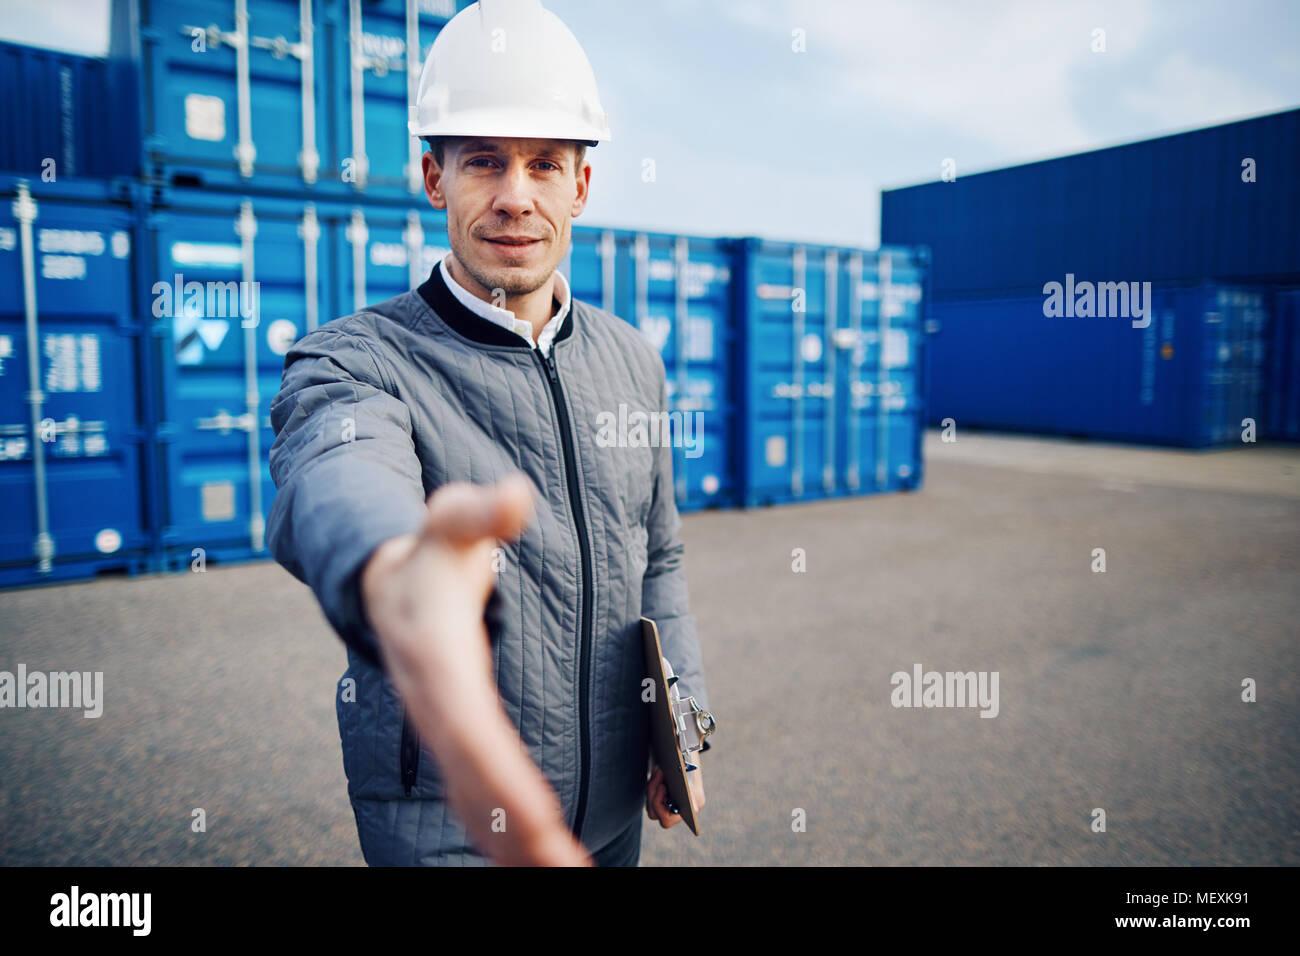 Contremaître de marchandises portant un casque de l'extension d'une poignée de main en se tenant debout sur une grande aire d'expédition commerciale détenant un presse-papiers Photo Stock